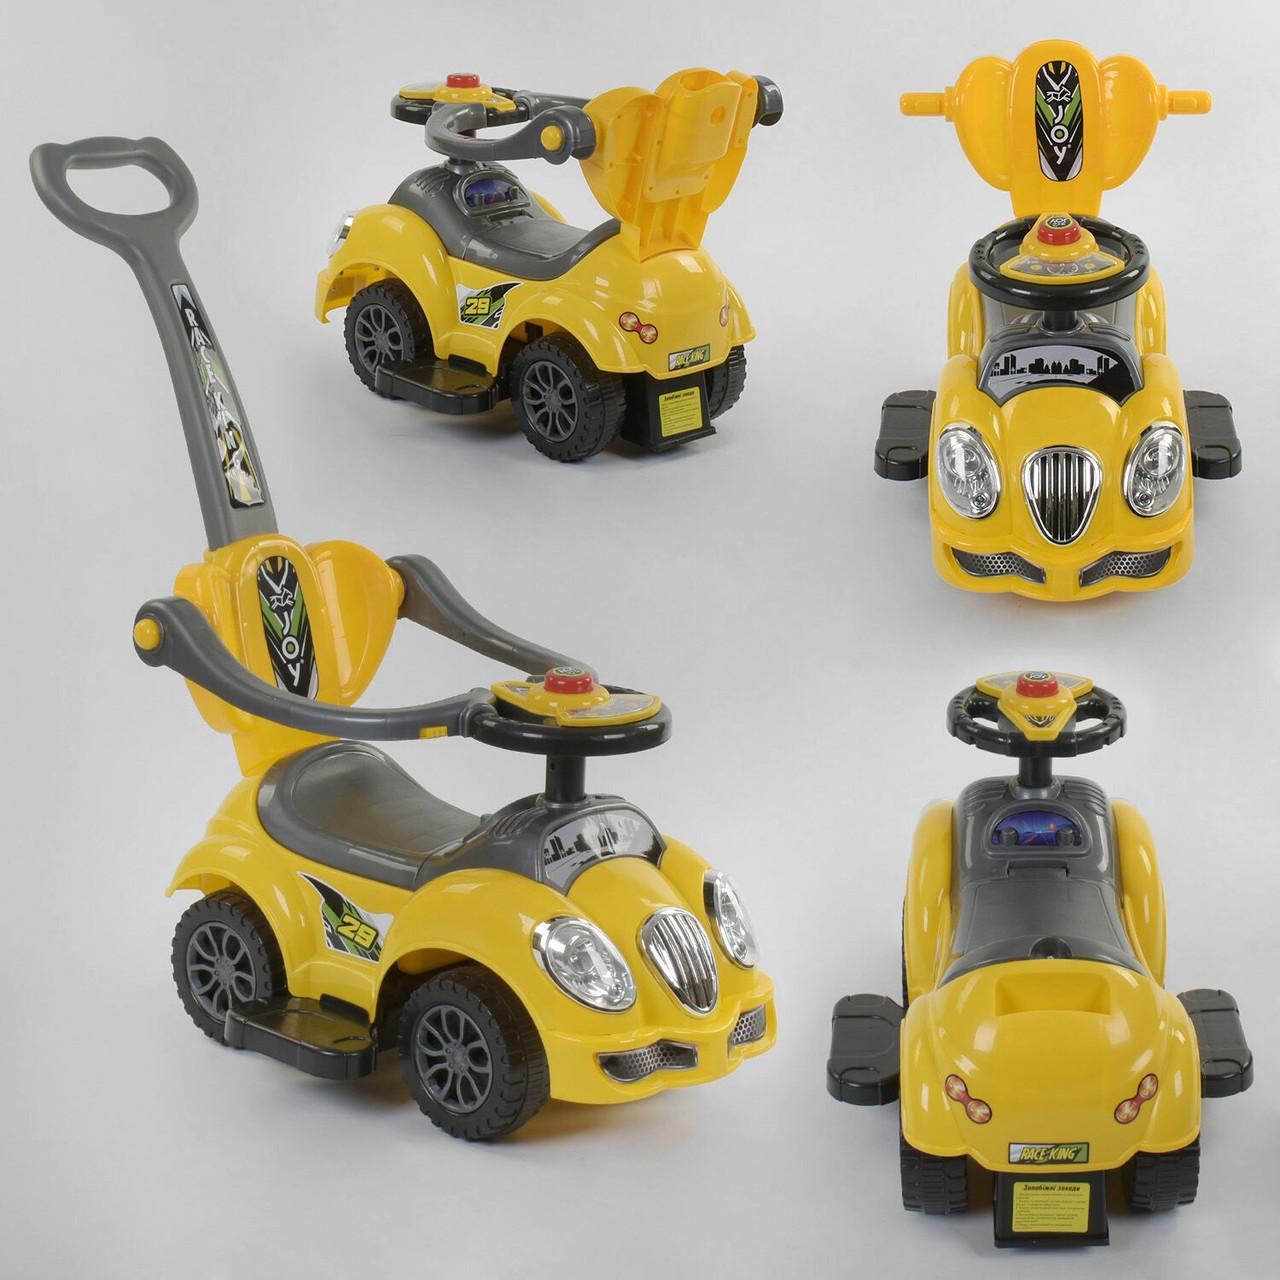 Дитяча машинка-толокар з ручкою JOY 09-304 Y Жовтий, багажник, 5 мелодій, знімний захисний бампер